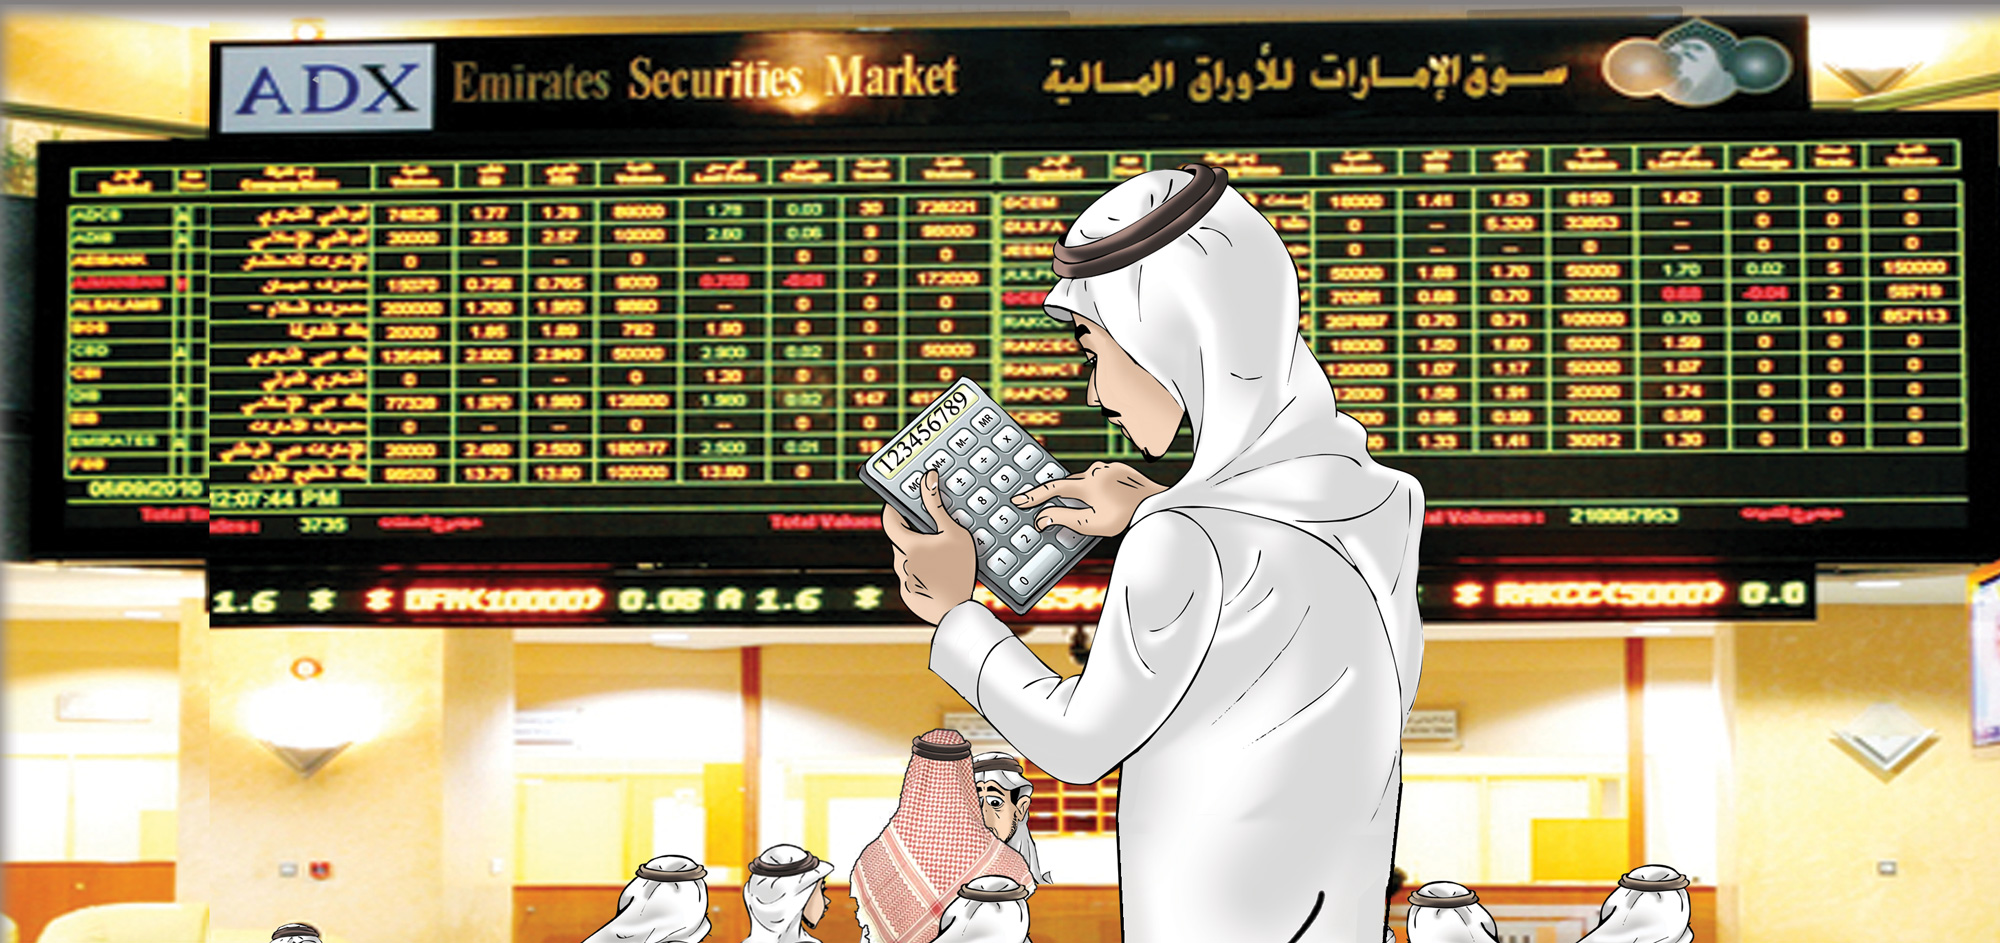 سوق دبي يختتم تعاملاته بتراجع مقداره 0.6 % وأبوظبي  بـ 0.2 %